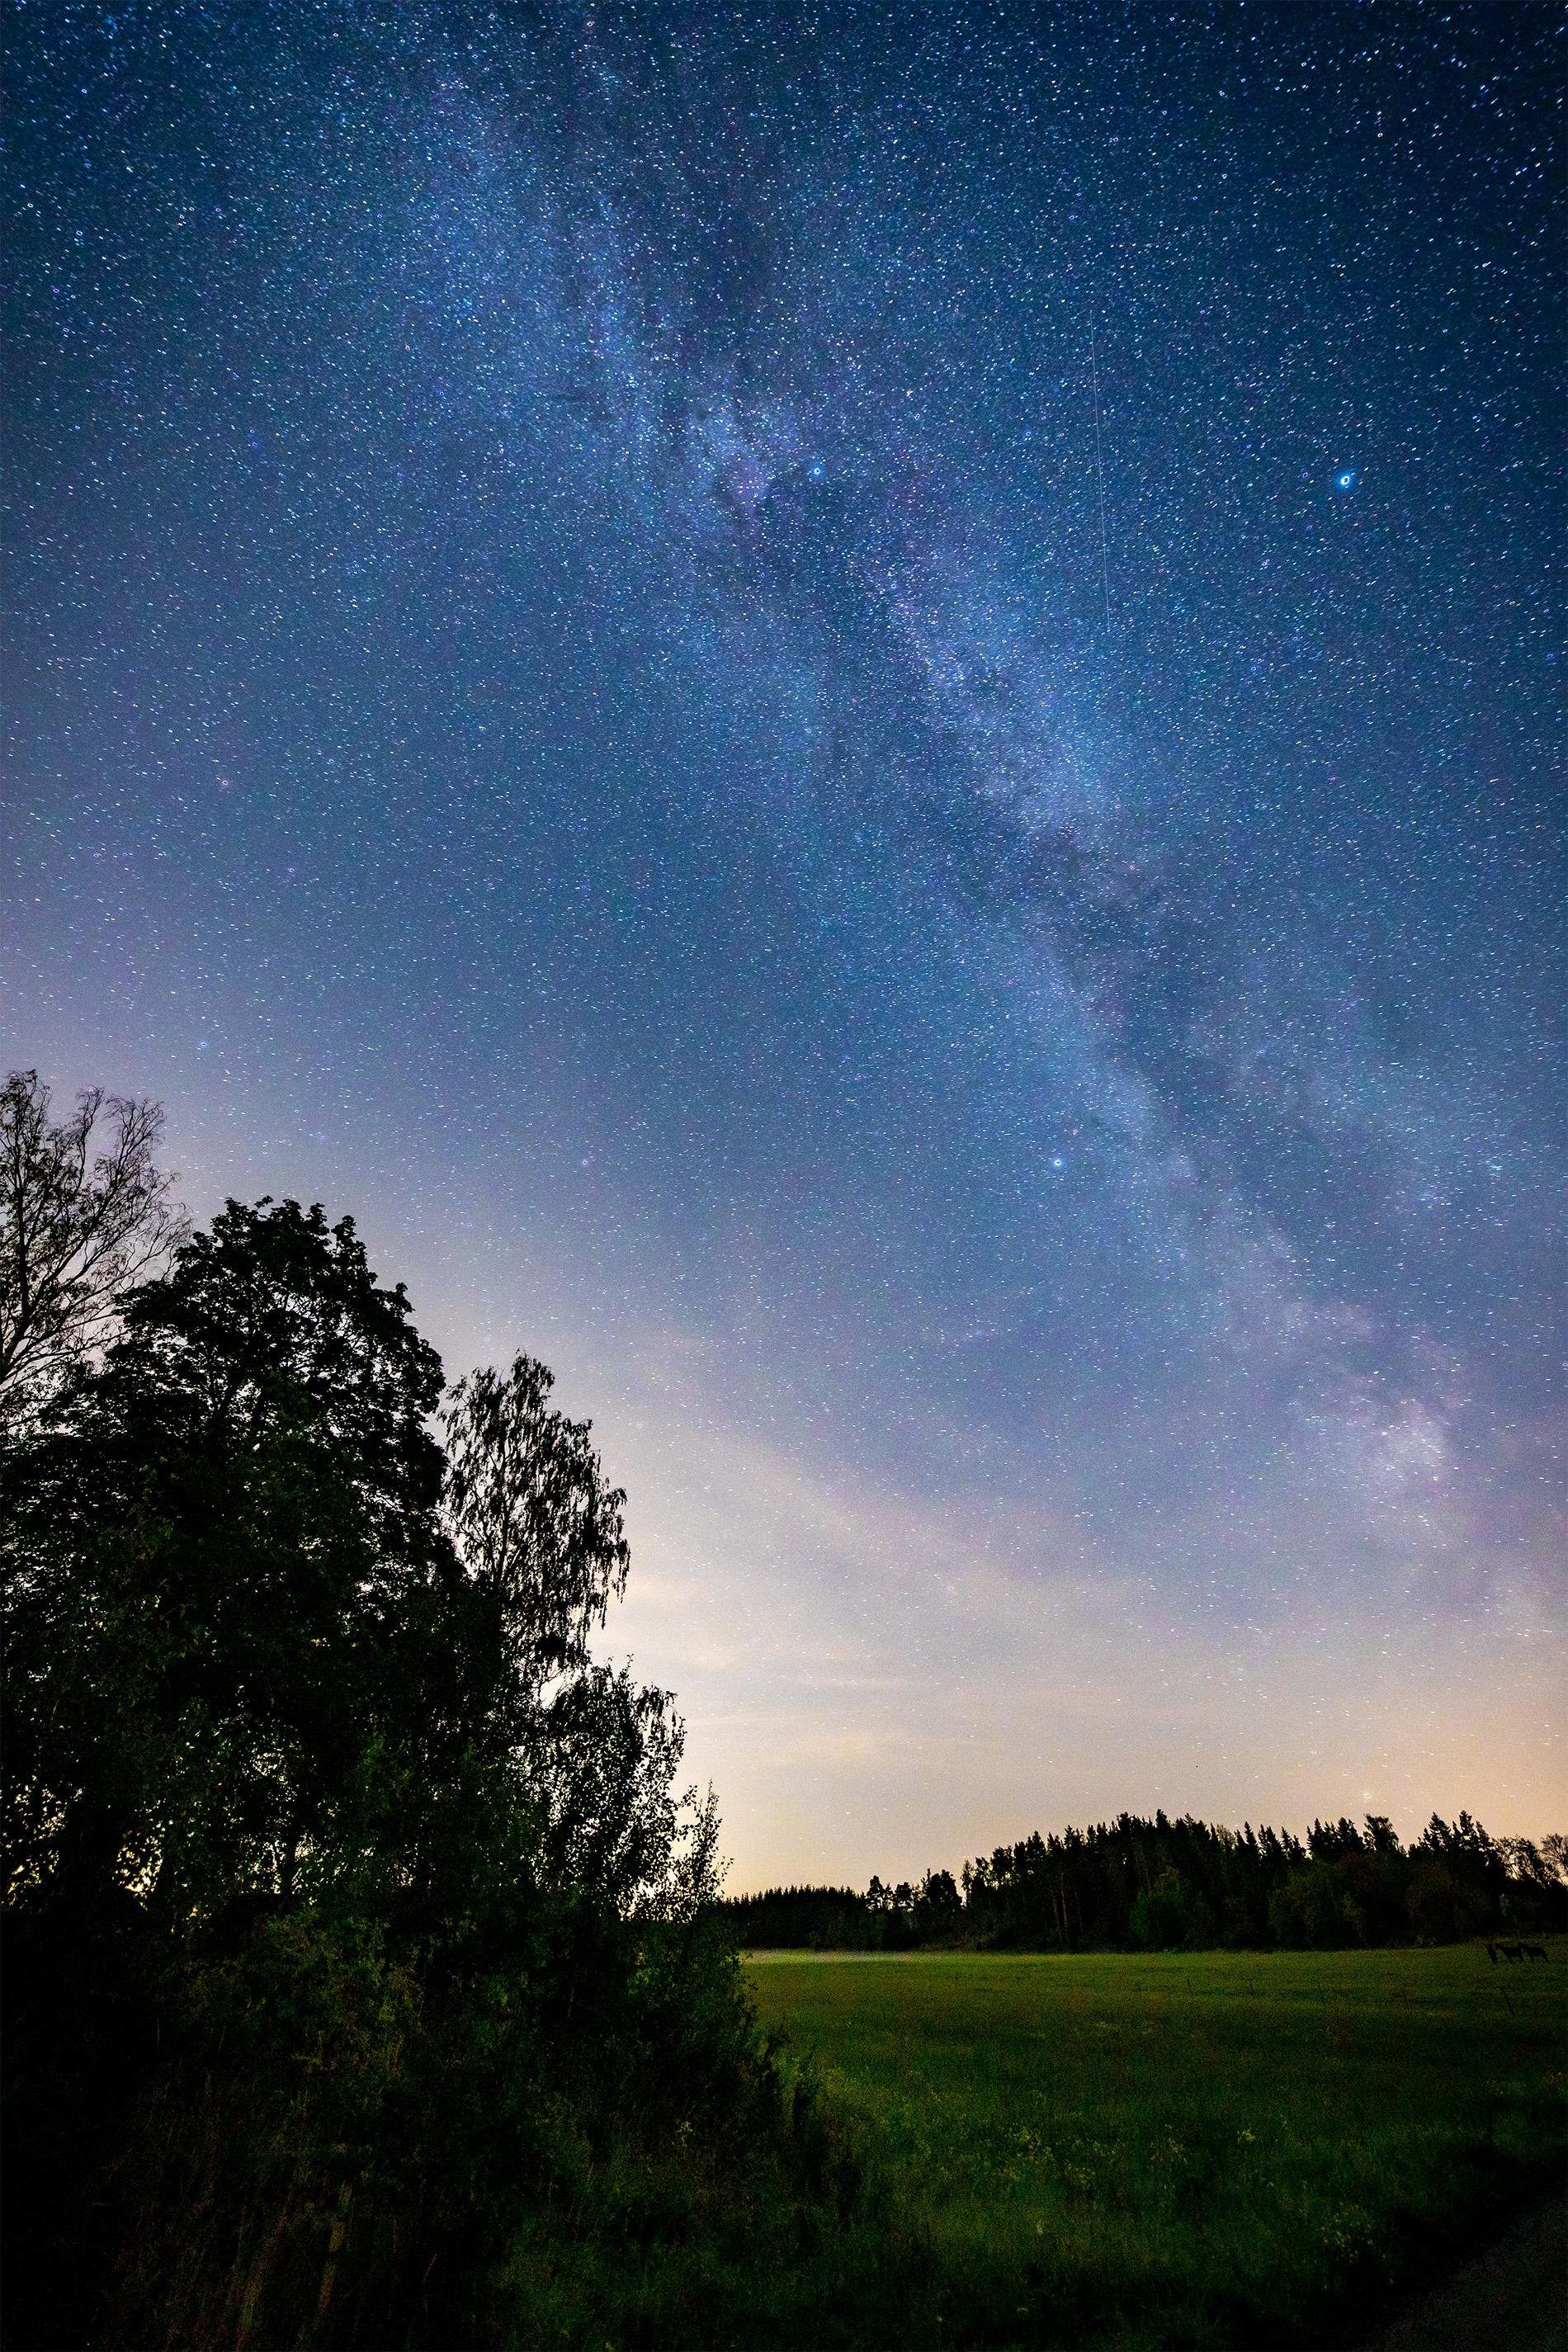 Äntligen har nätterna blivit mörka nog för att fotografera vintergatan och hjälp vad mörkt det var 😅. Nattsvart kan man säga… Men efter en stund vande sig ögonen och jag fick se nått jag inte sett på många år. En fantastisk natthimmel. Underbart vackert.